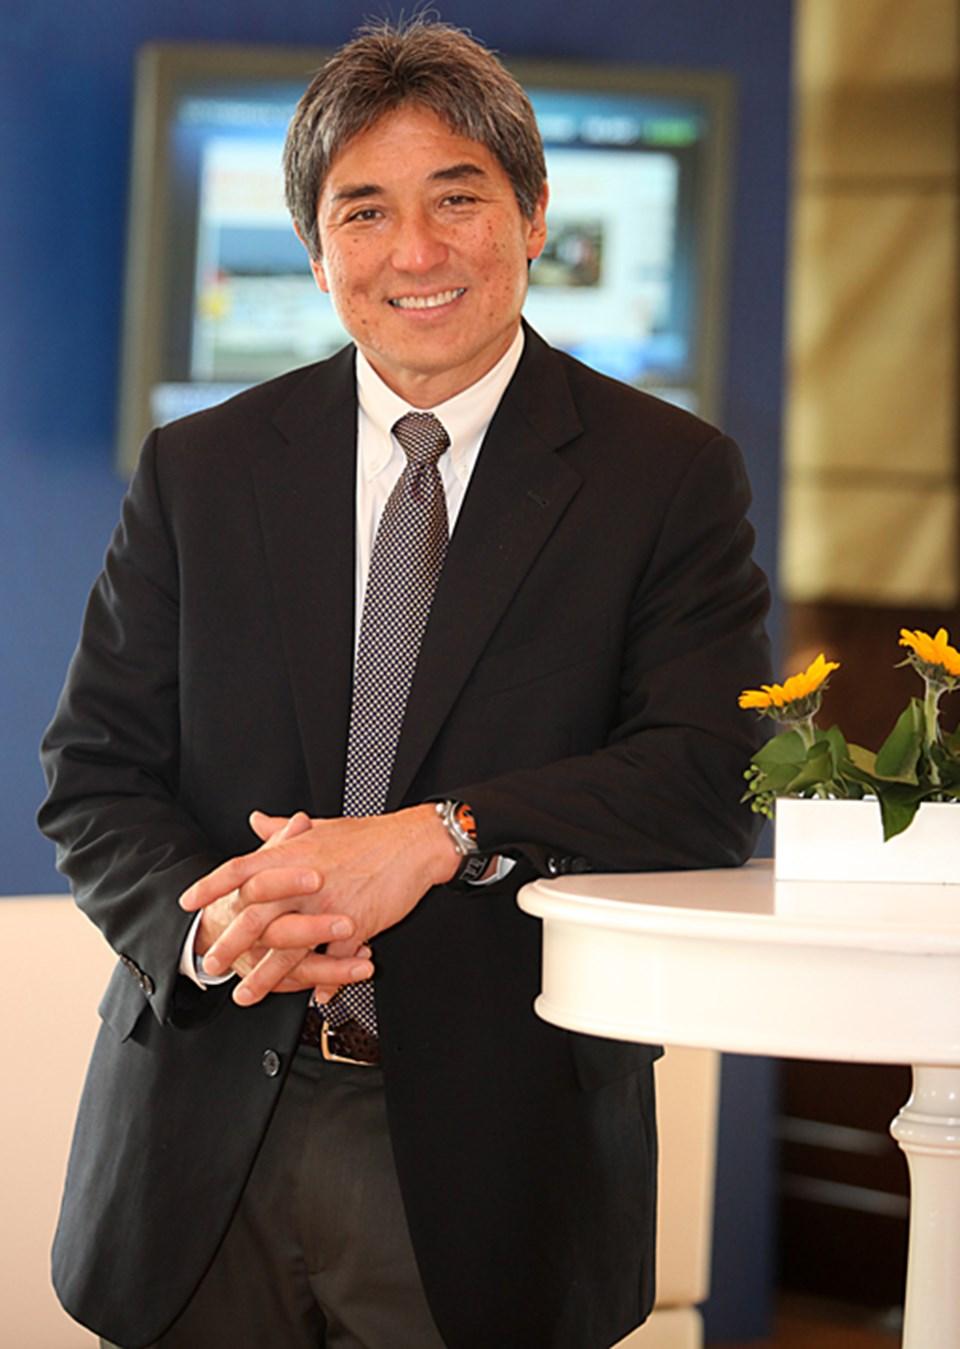 Turkcell Teknoloji Zirvesi 2012'nin ana konuşmacısı, teknoloji ve pazarlama gurusu Guy Kawasaki.